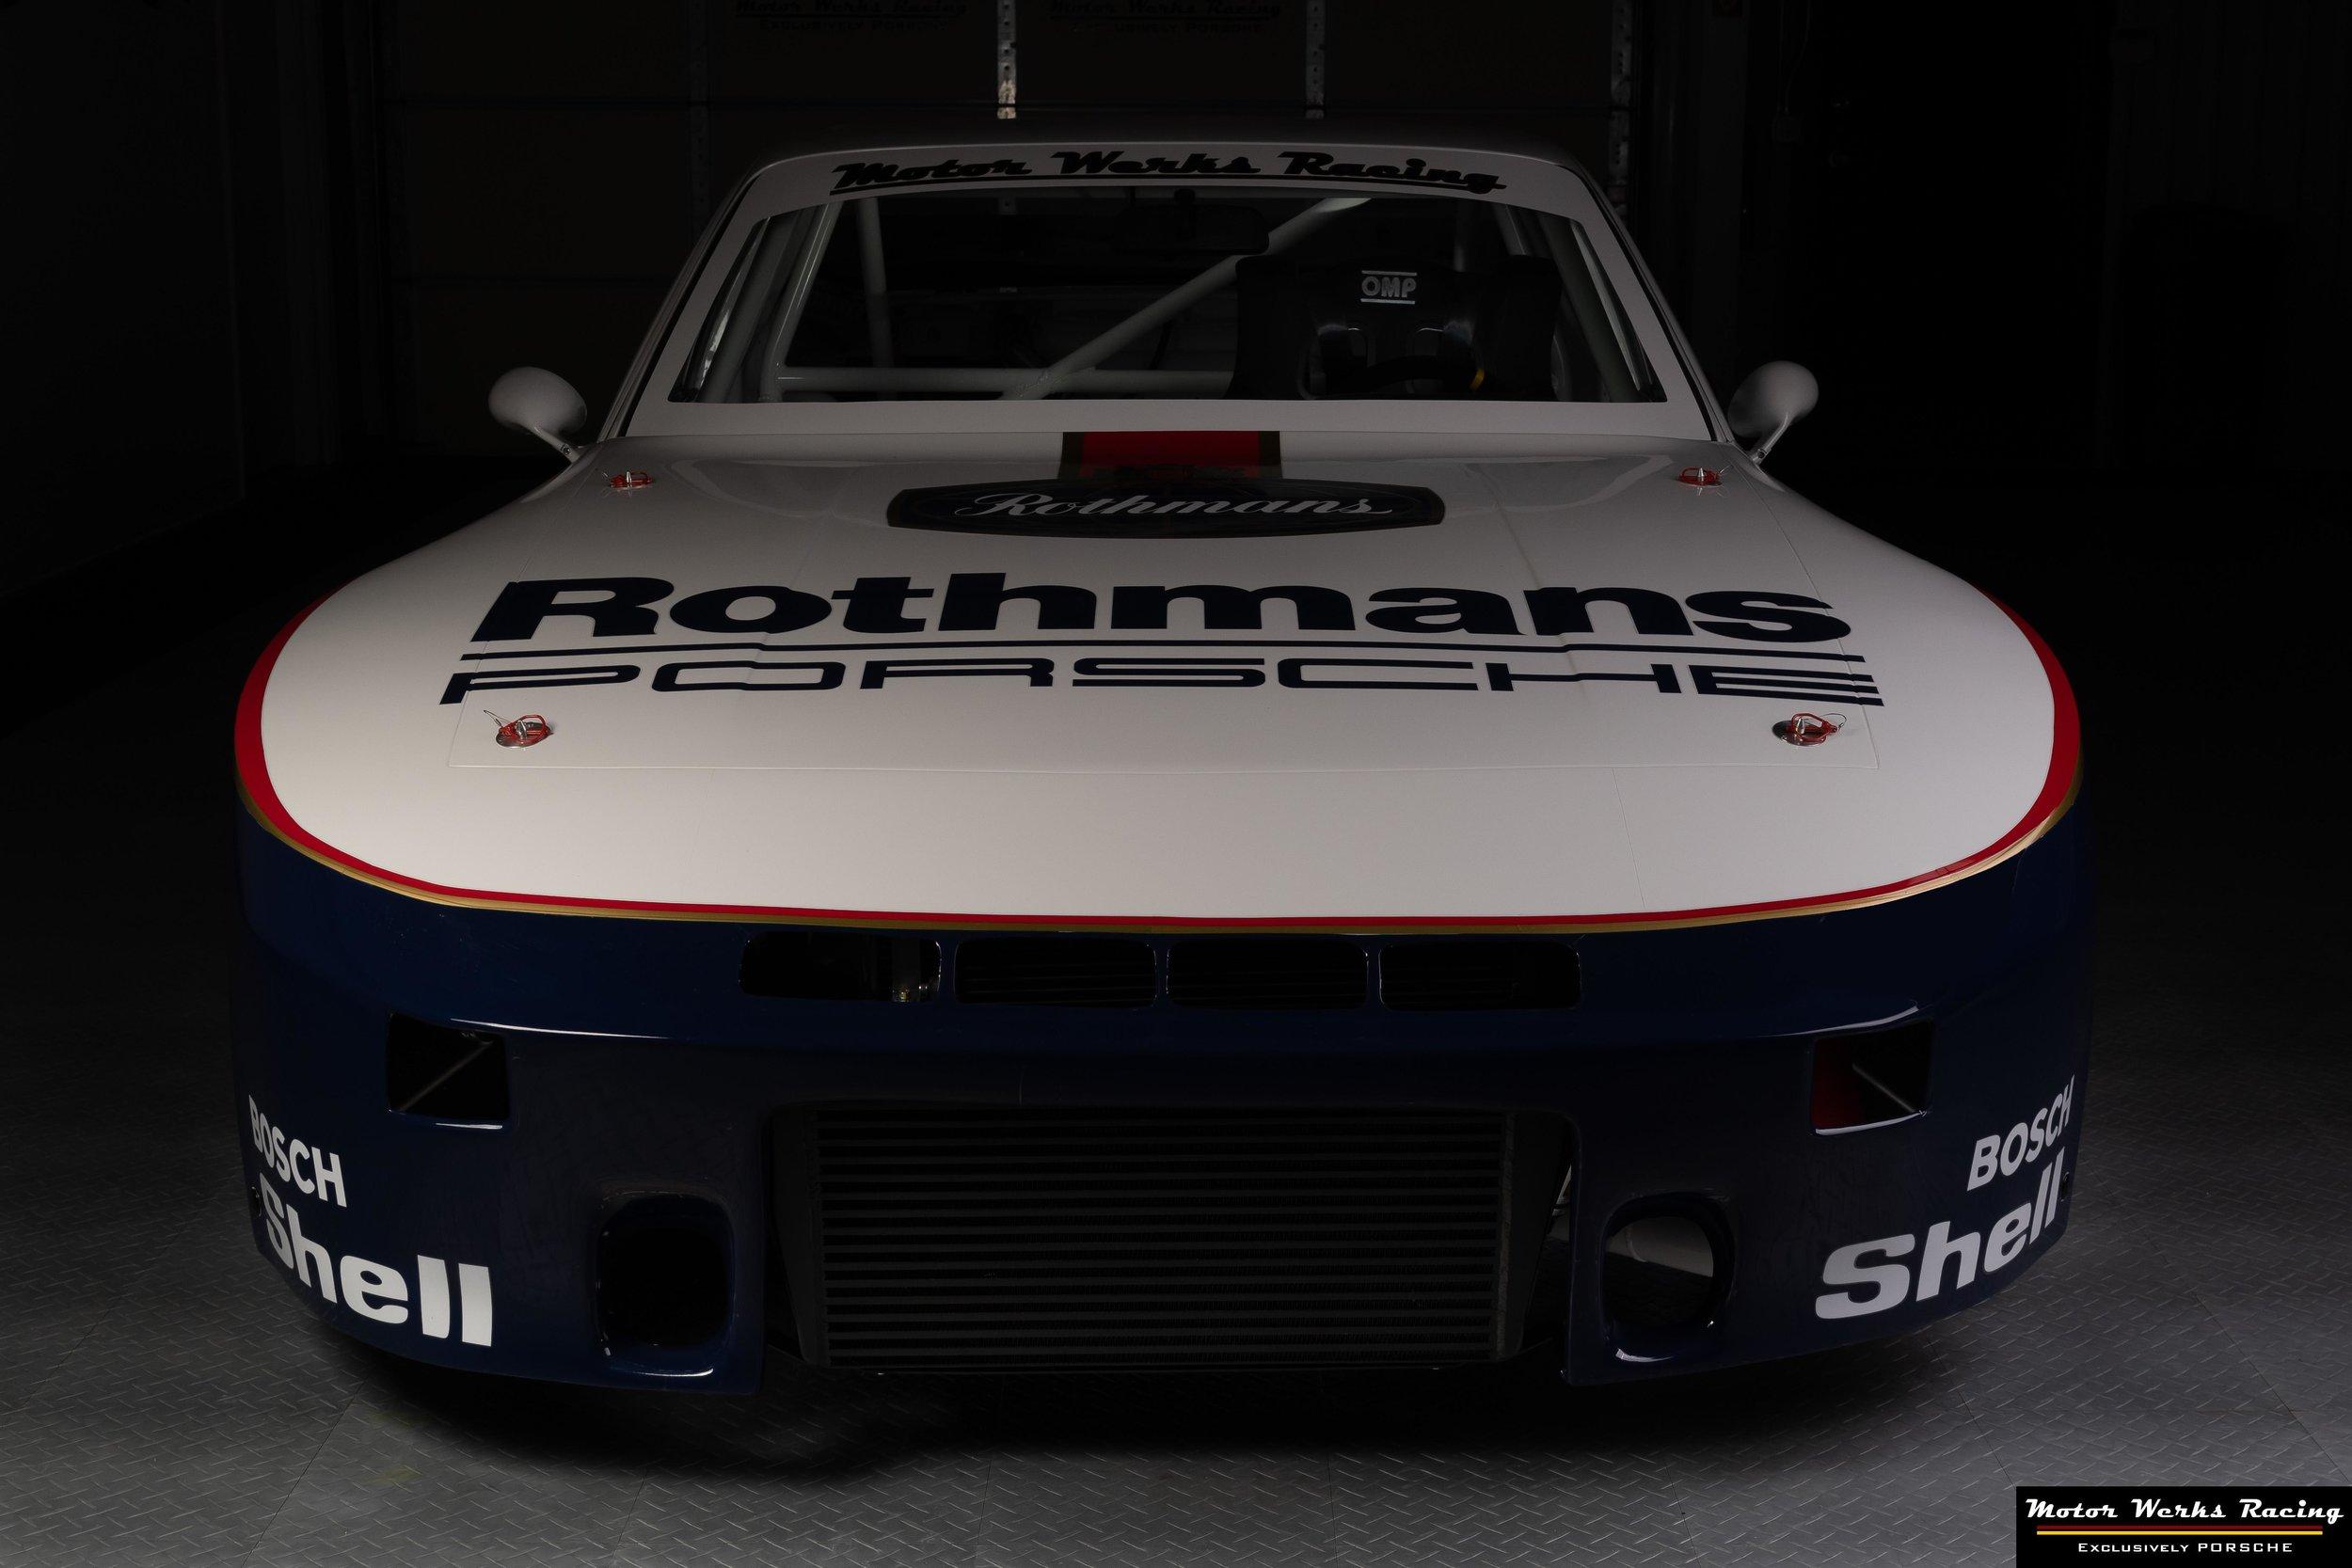 MWR Rothmans GTP Tribute (48)R.JPG